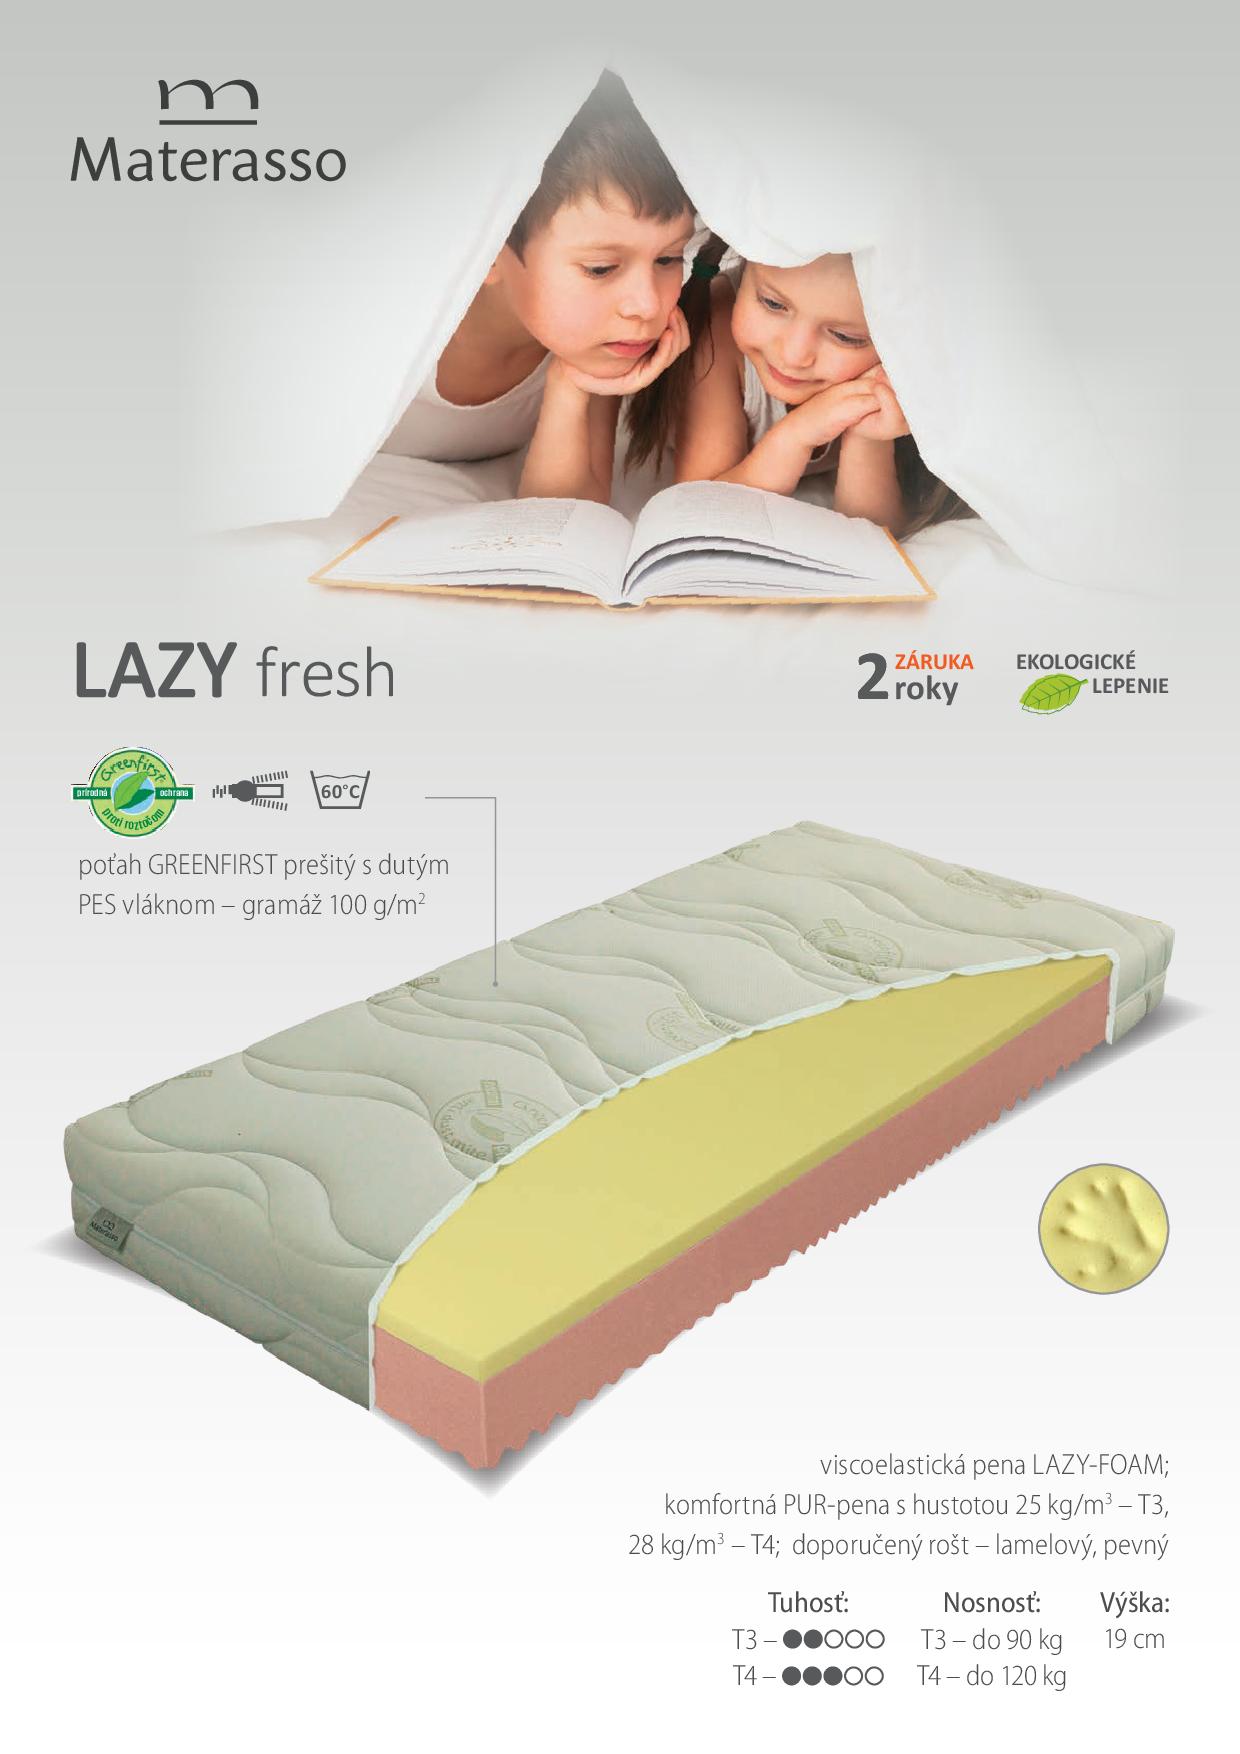 Lazy fresch